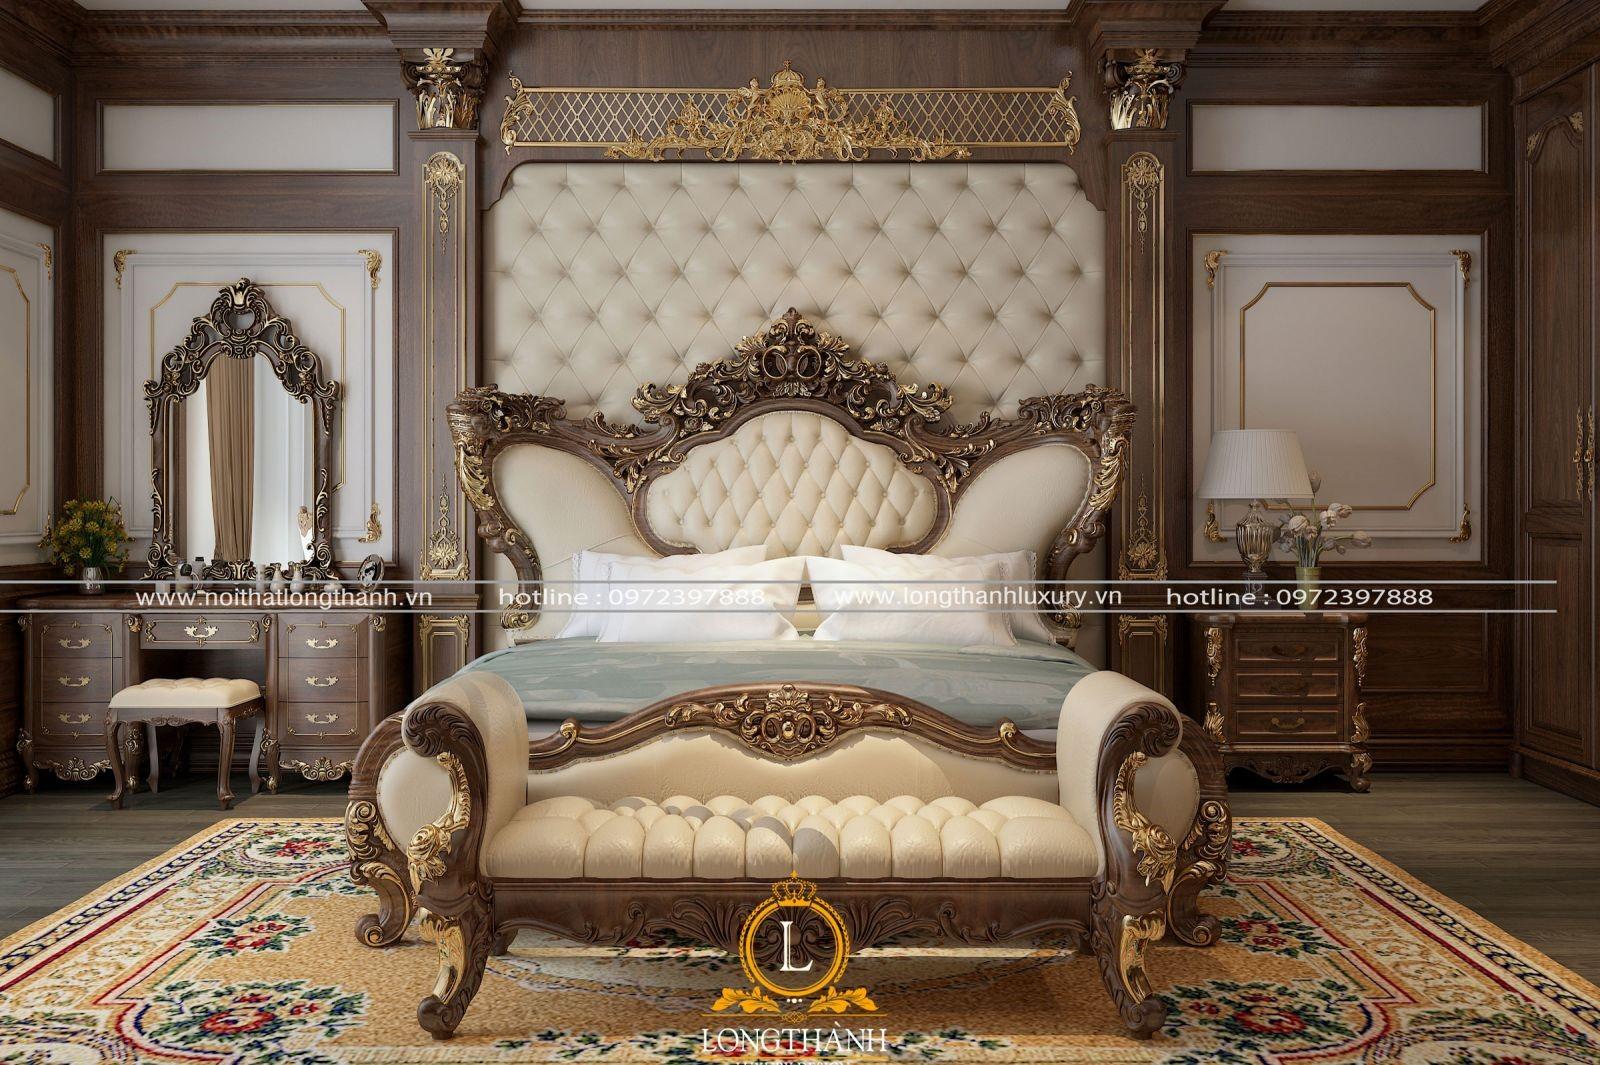 Phòng ngủ cổ điển nhà biệt thự với màu sắc tự nhiên không gian ấm cúng